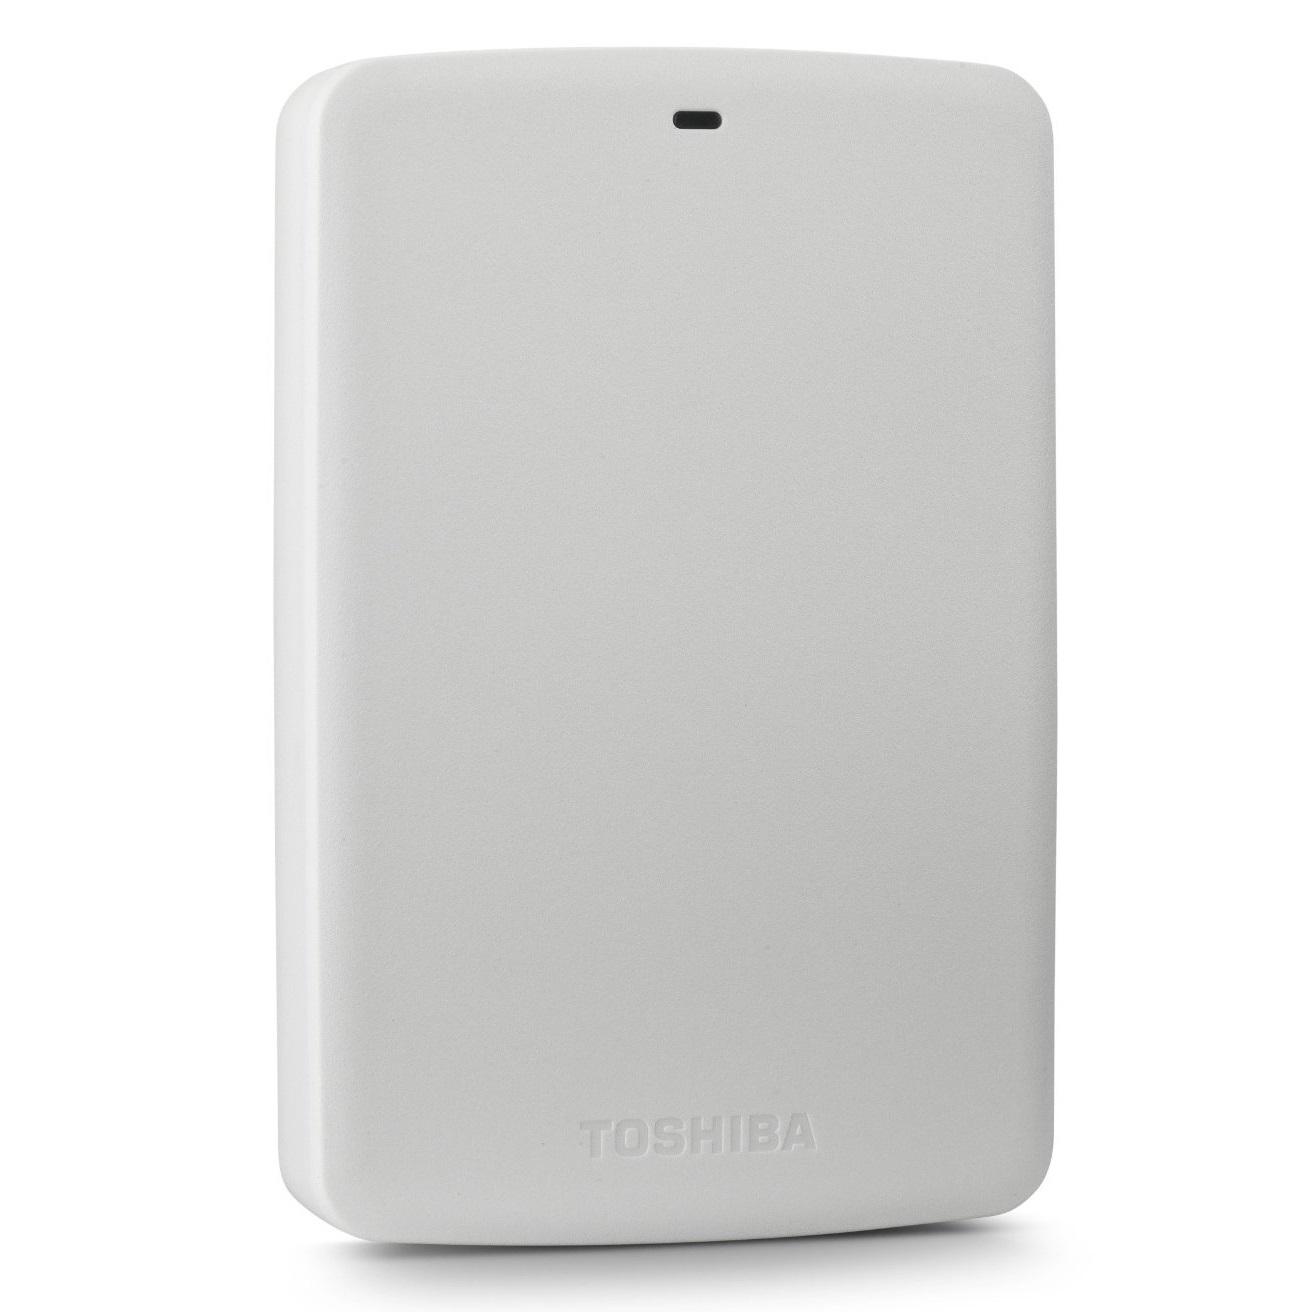 Ổ cứng di động Toshiba Canvio basic 500Gb USB3.0 Trắng